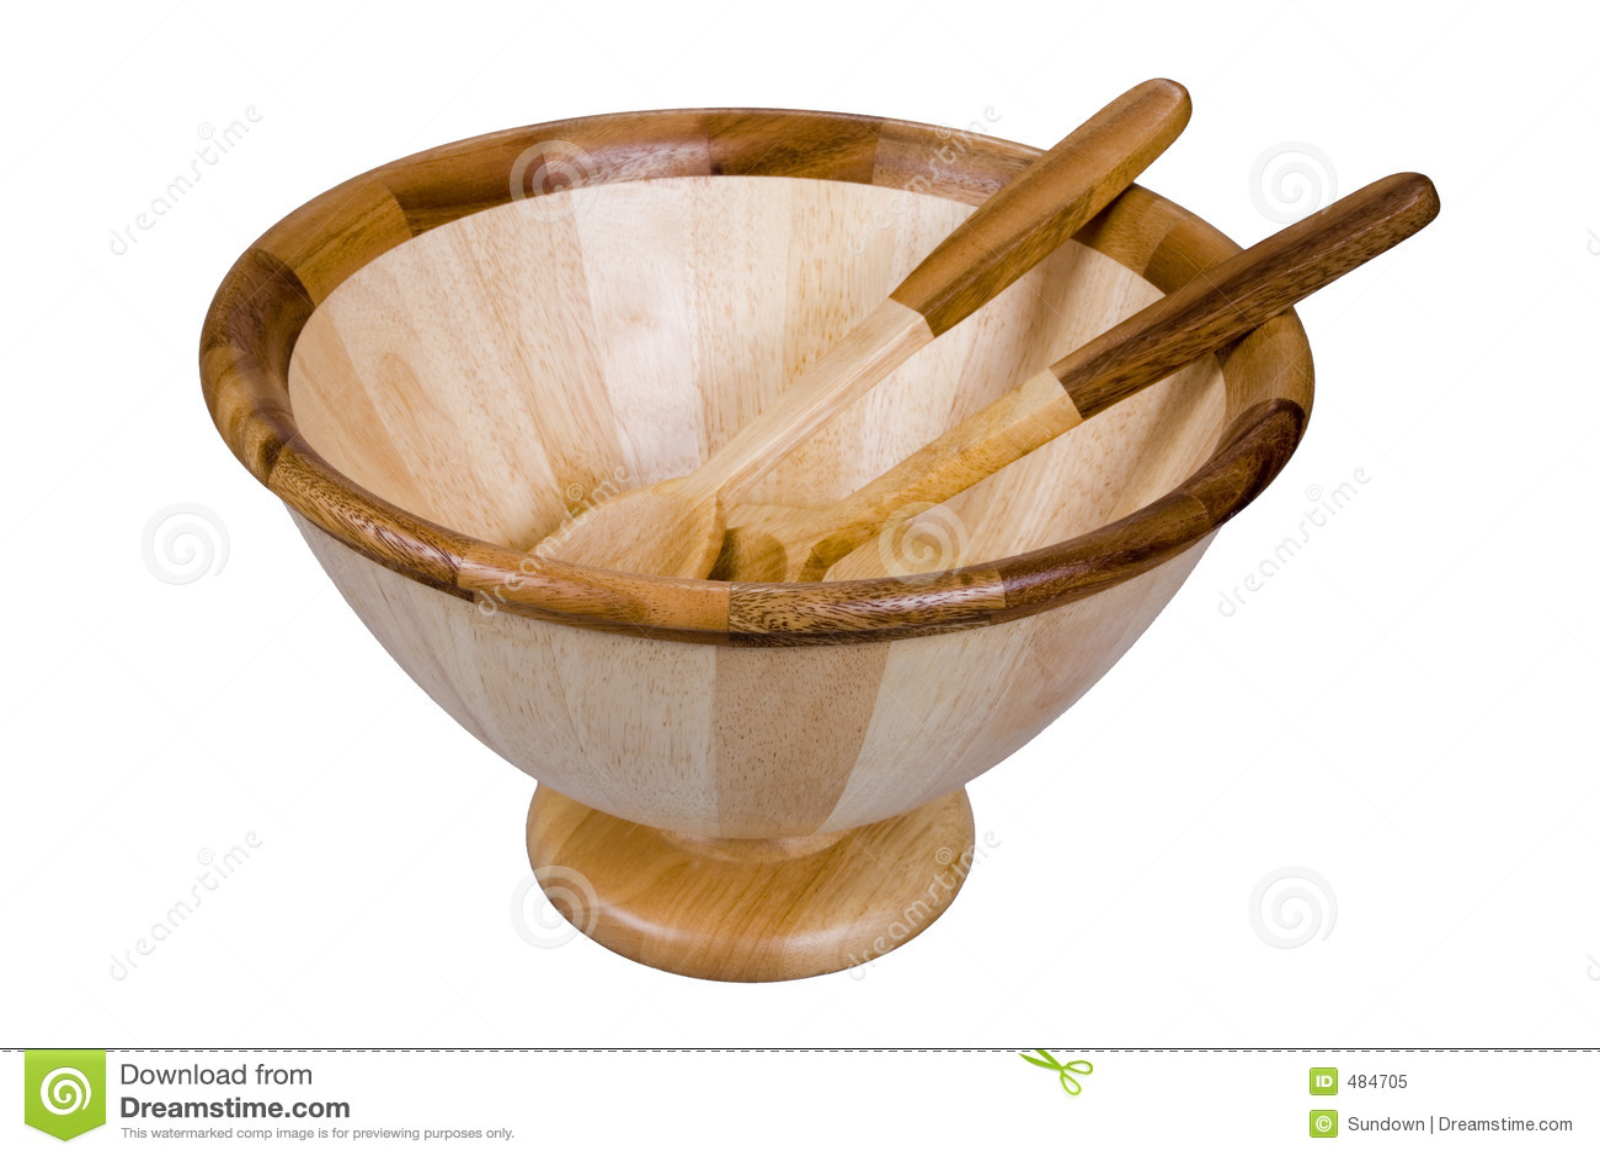 bowl salad set utensils wooden